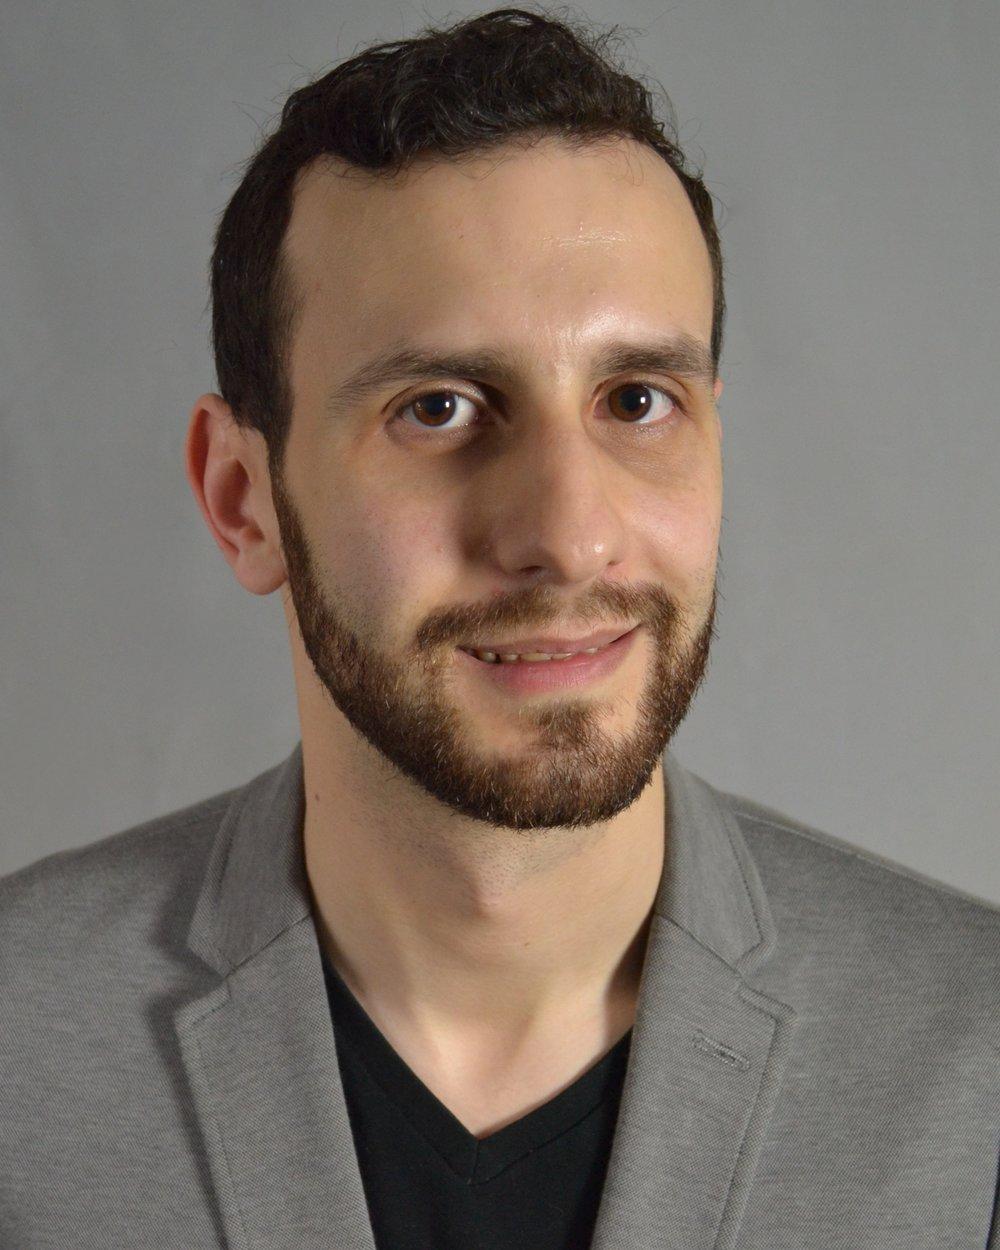 Adam Omari